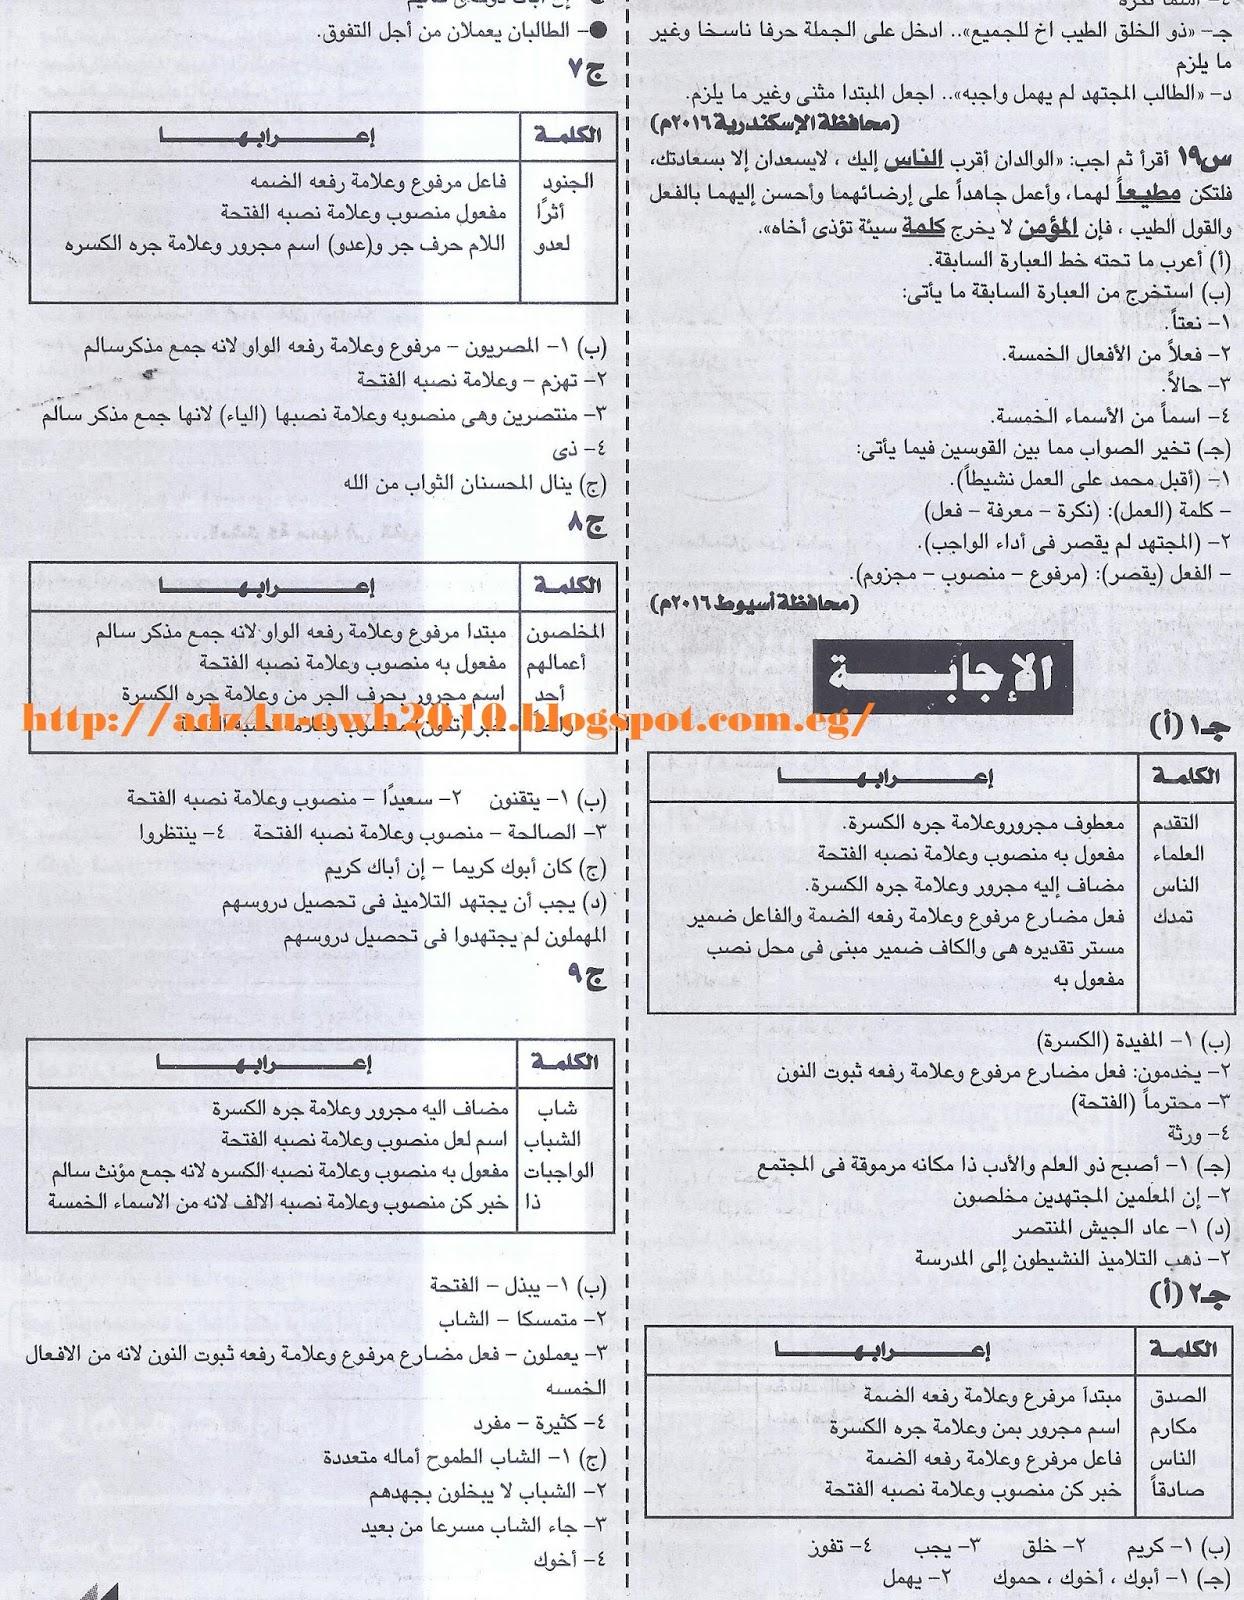 توقعات اسئلة امتحان النحو بالاجابات للصف السادس ترم ثاني.. ملحق الجمهورية 2017 4